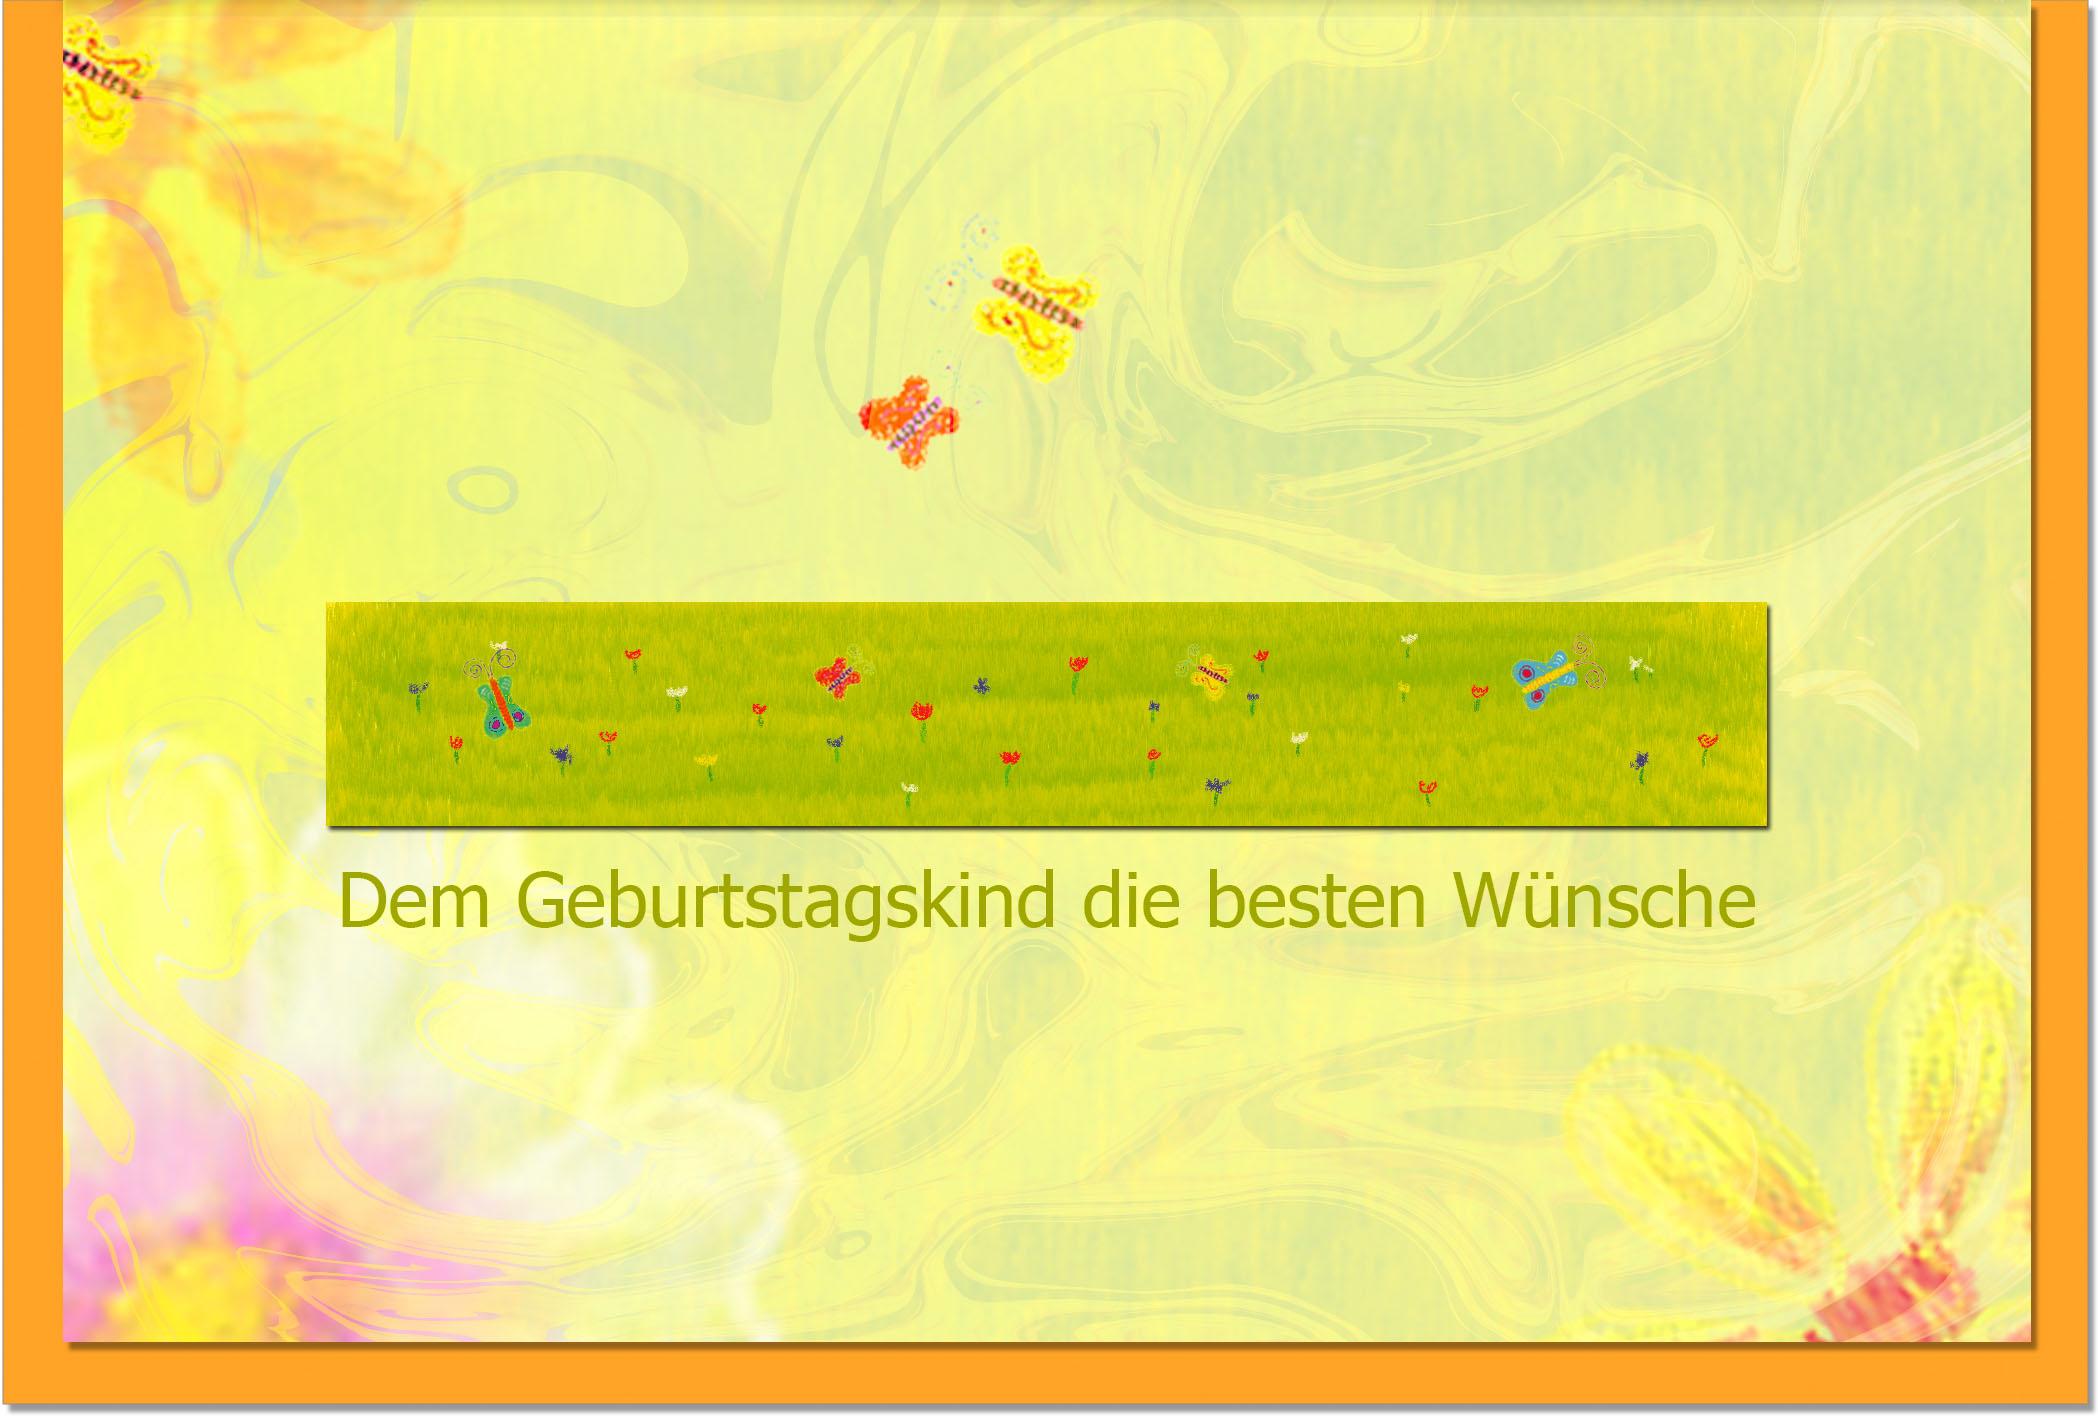 Geburtstagskarten / Grußkarten /Geburtstag Schmetterlinge